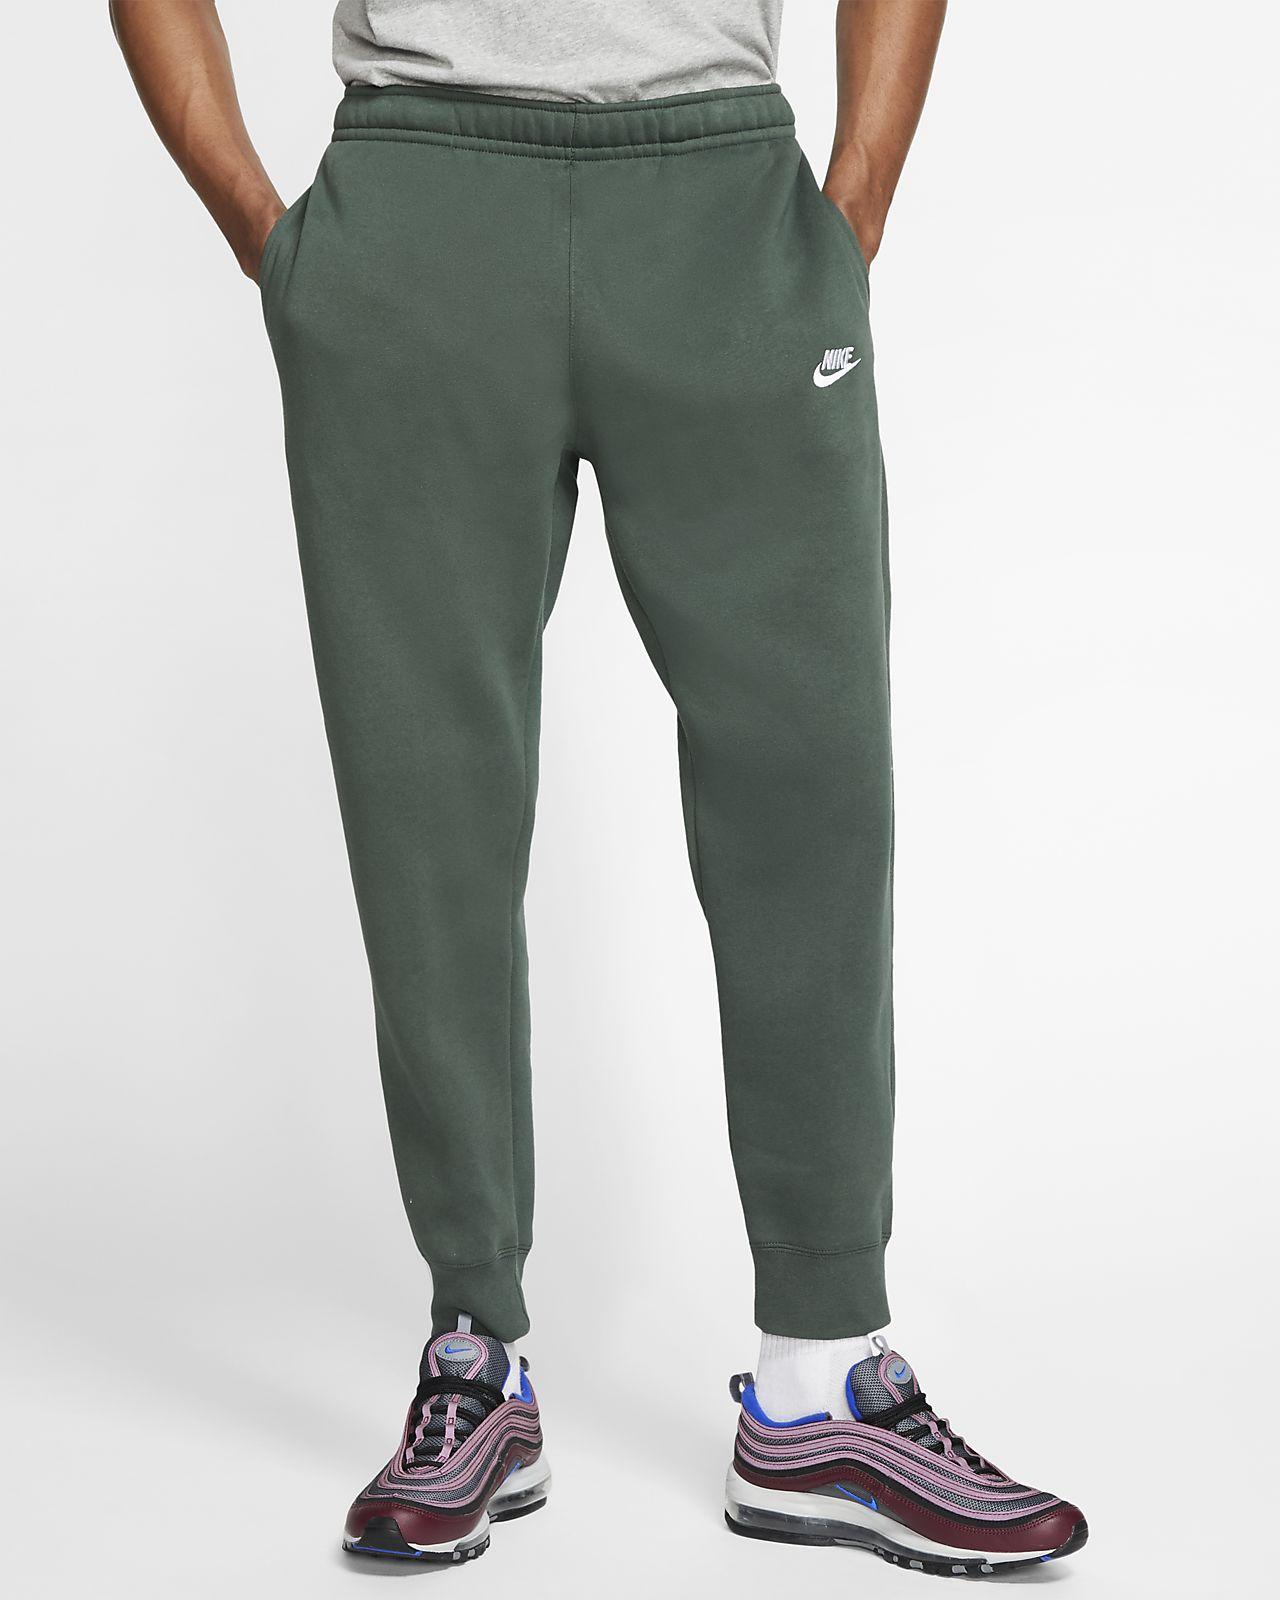 sneakers details for sneakers Pantalon de jogging Nike Sportswear Club Fleece pour Homme